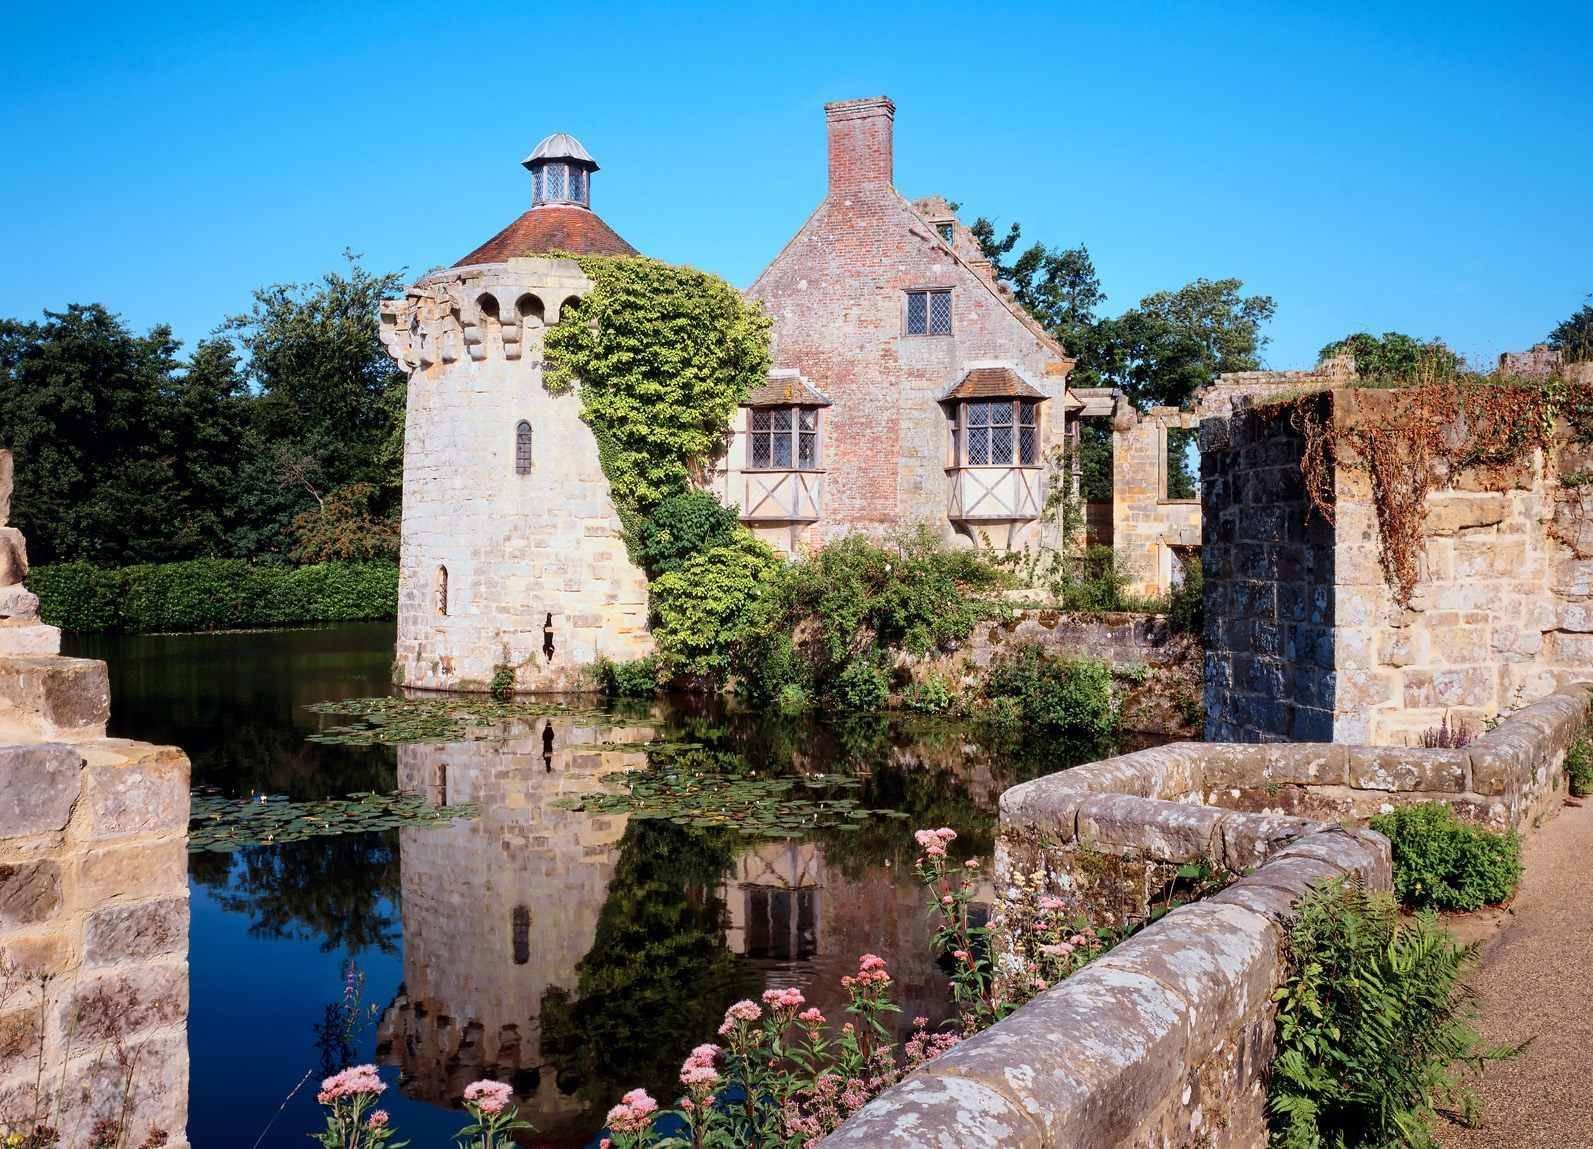 世界上最美的古堡建筑